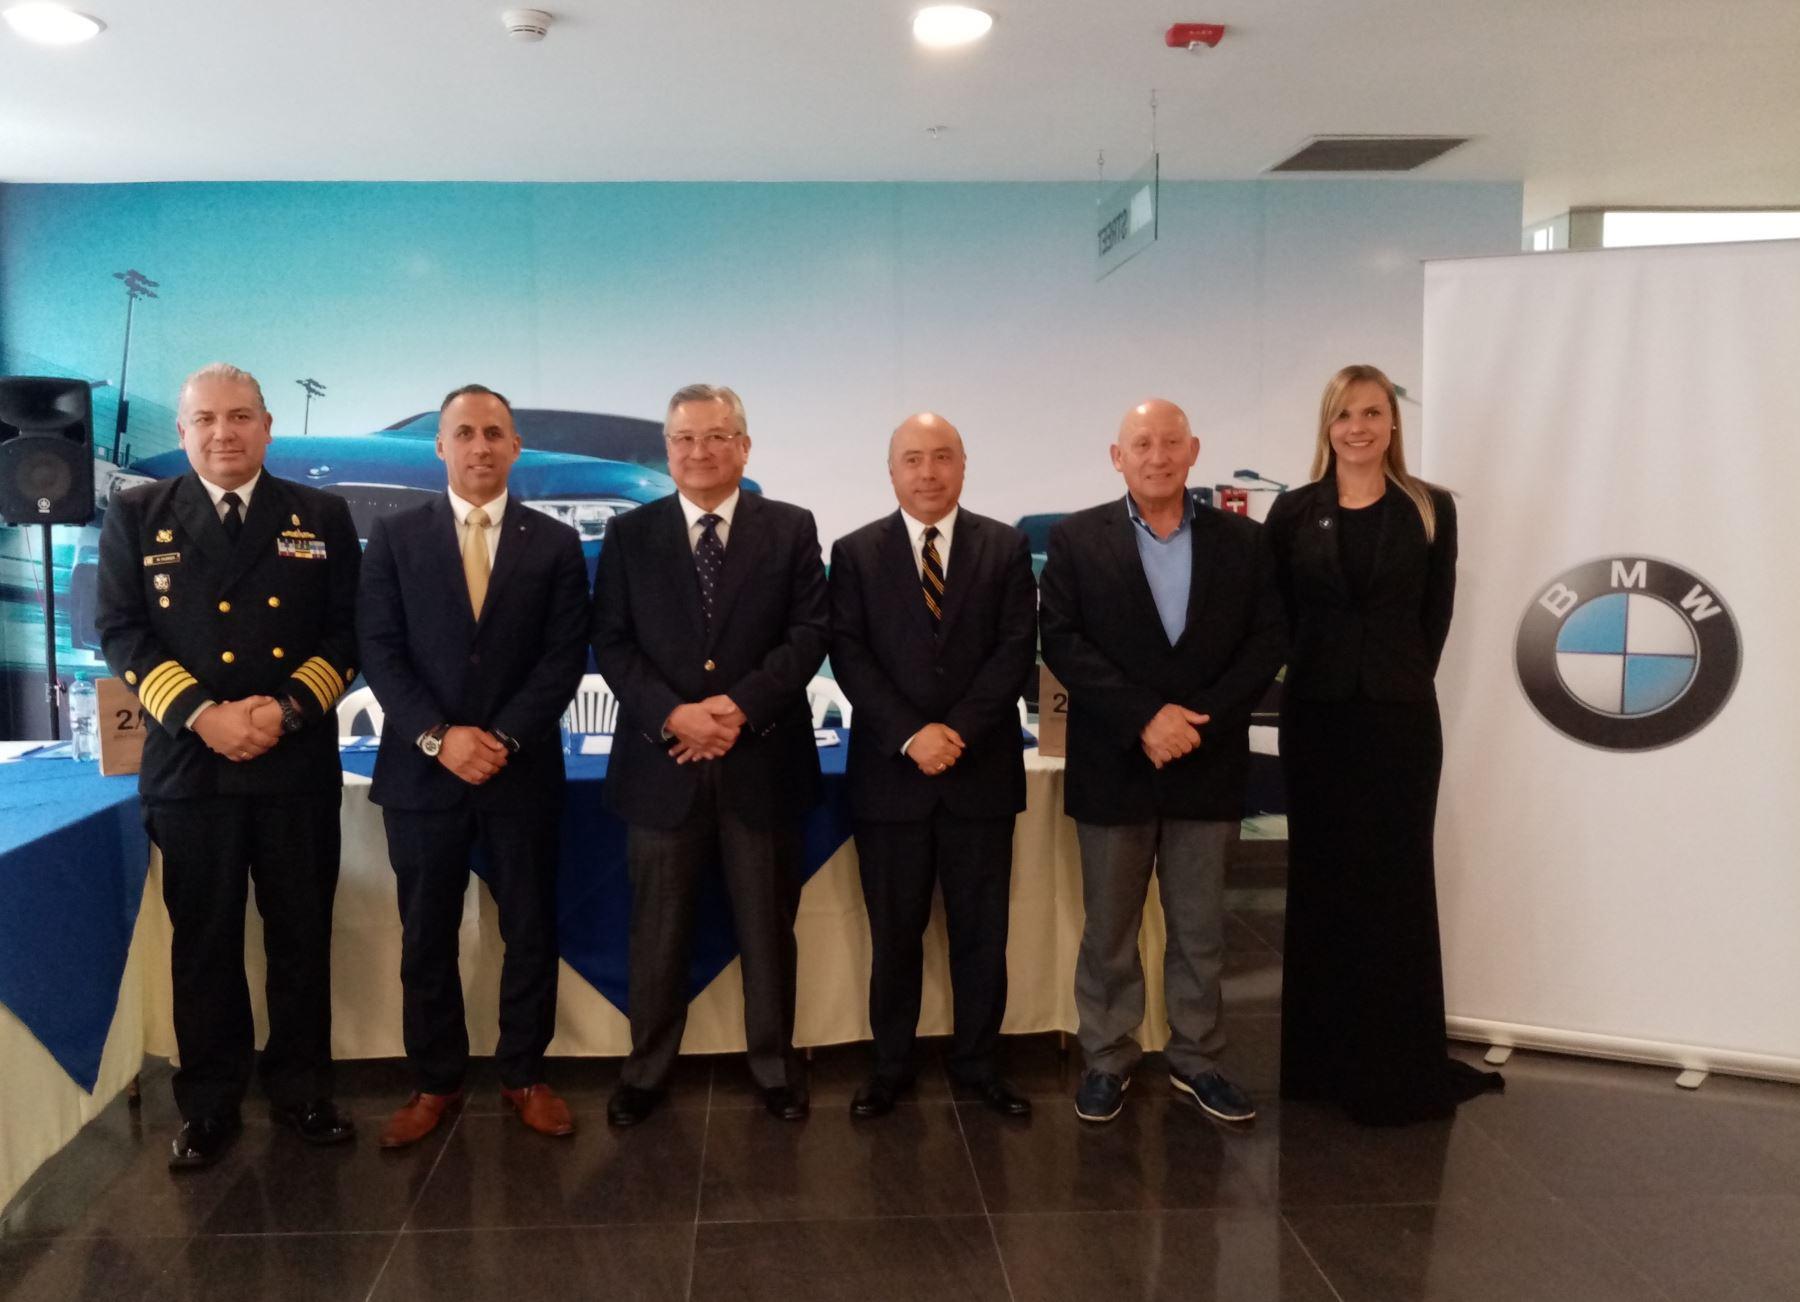 Asociación de Vela Oceánica del Perú (AVOP) presentó la Regata Internacional de Veleros Oceánicos